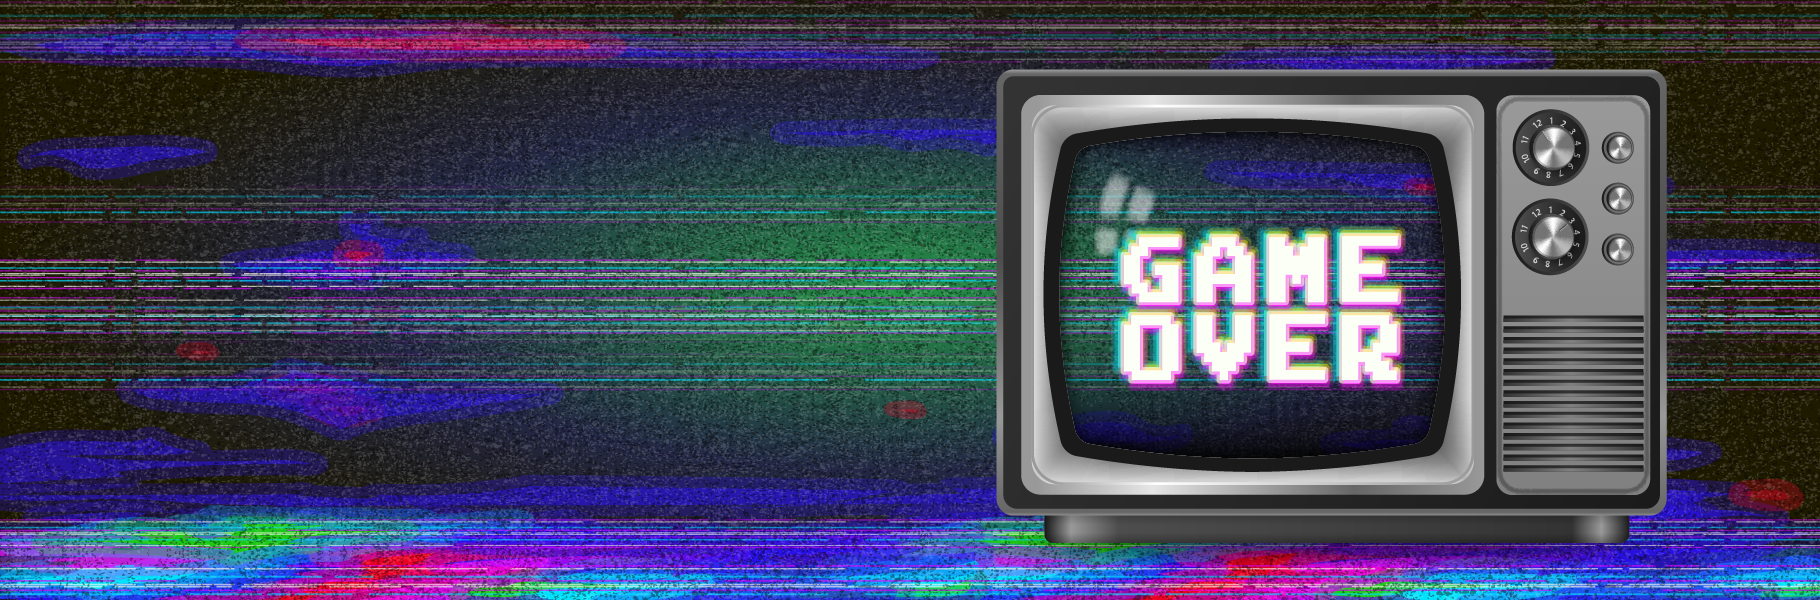 Crean una consola de juegos retro con forma de televisor portátil